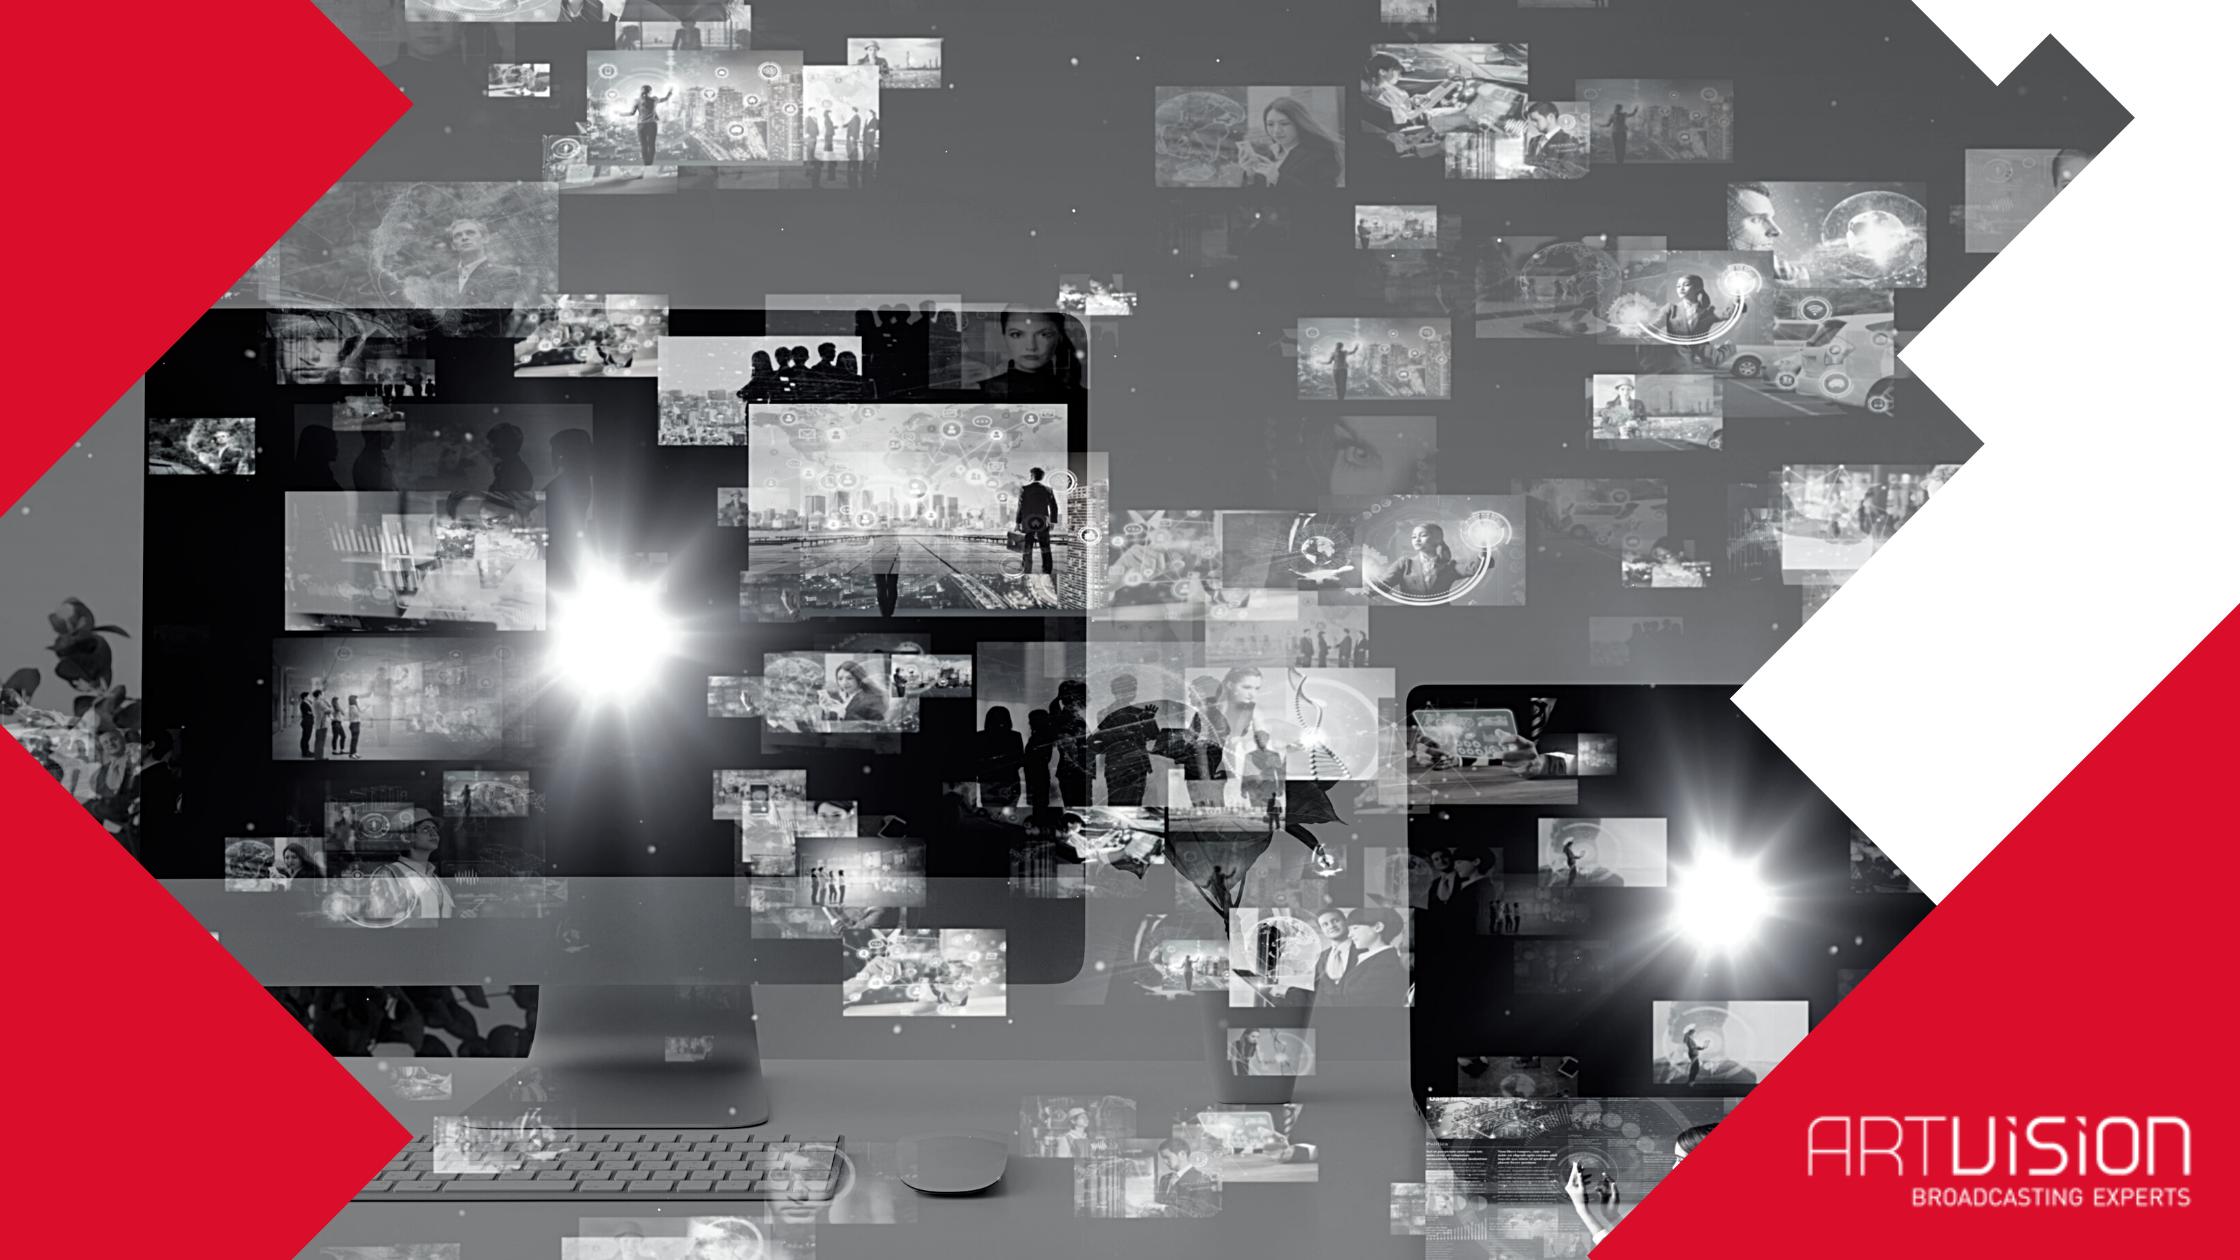 3 λόγοι που το βίντεο είναι ό,τι πιο σημαντικό για την online παρουσία ενός brand